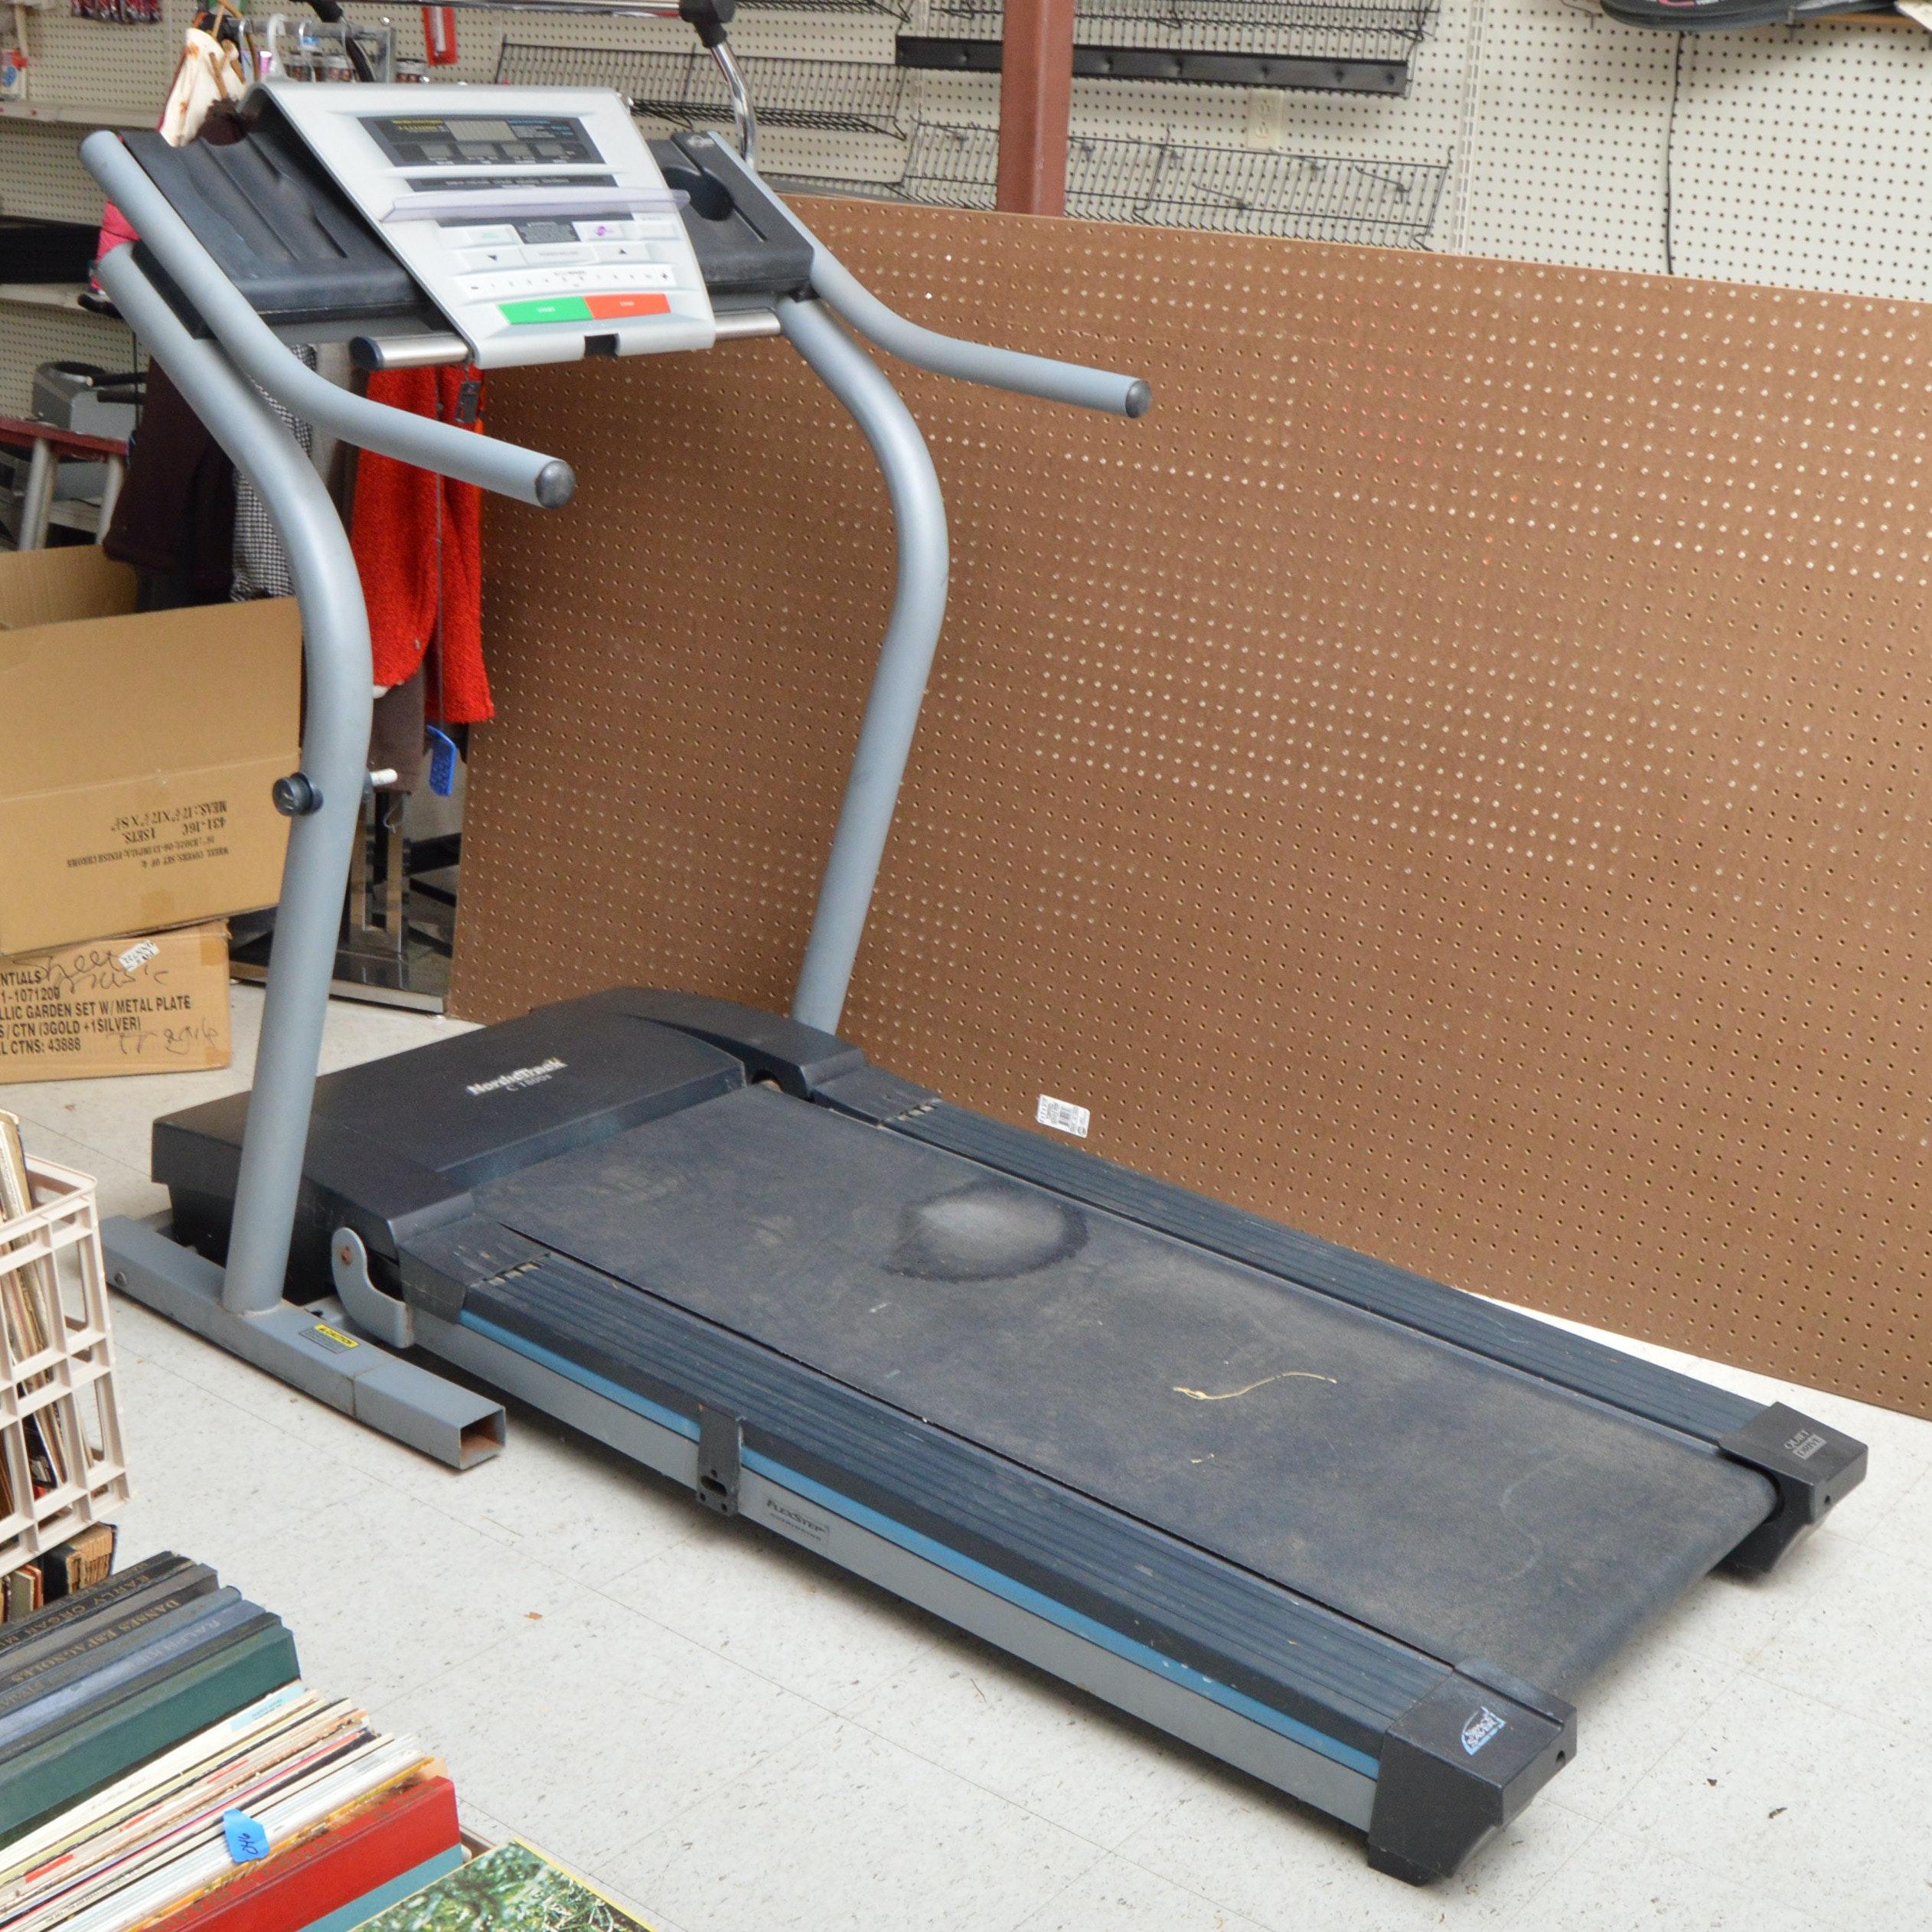 Nordic Track C1800s Treadmill